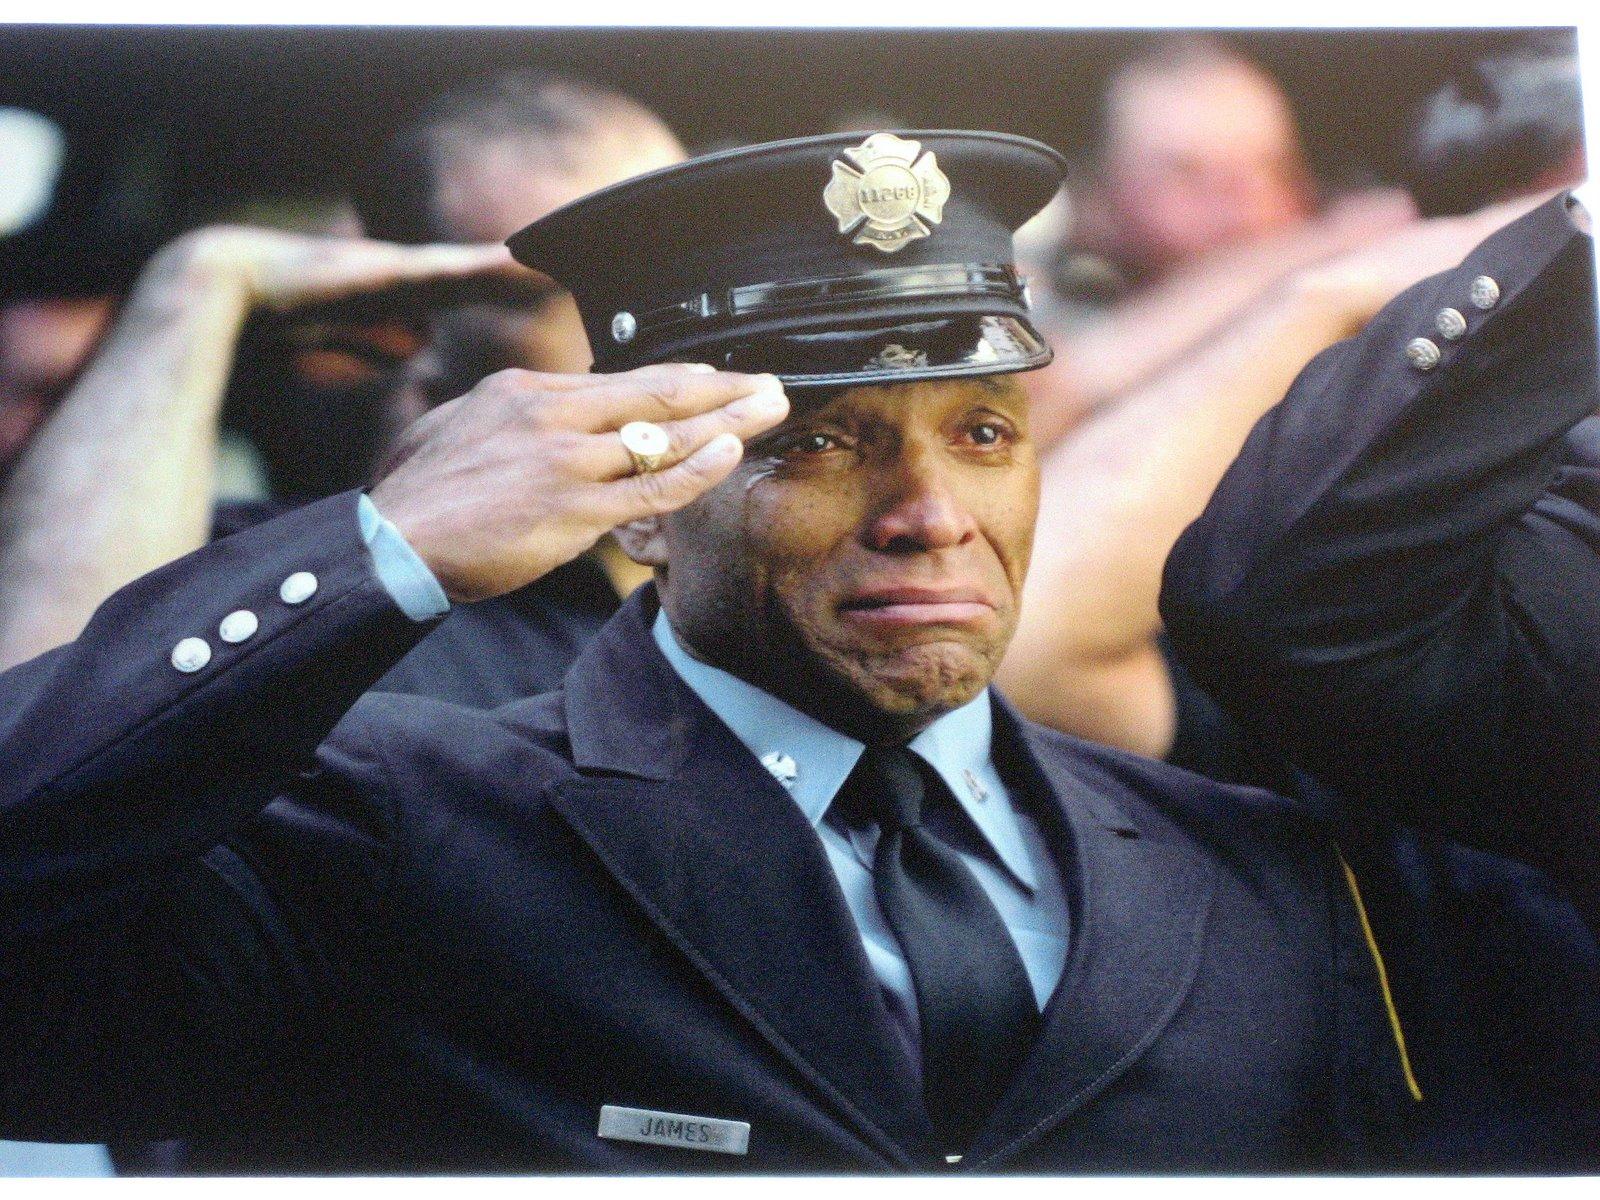 картинка мужчина отдает честь и плачет комнатные позволяют сделать